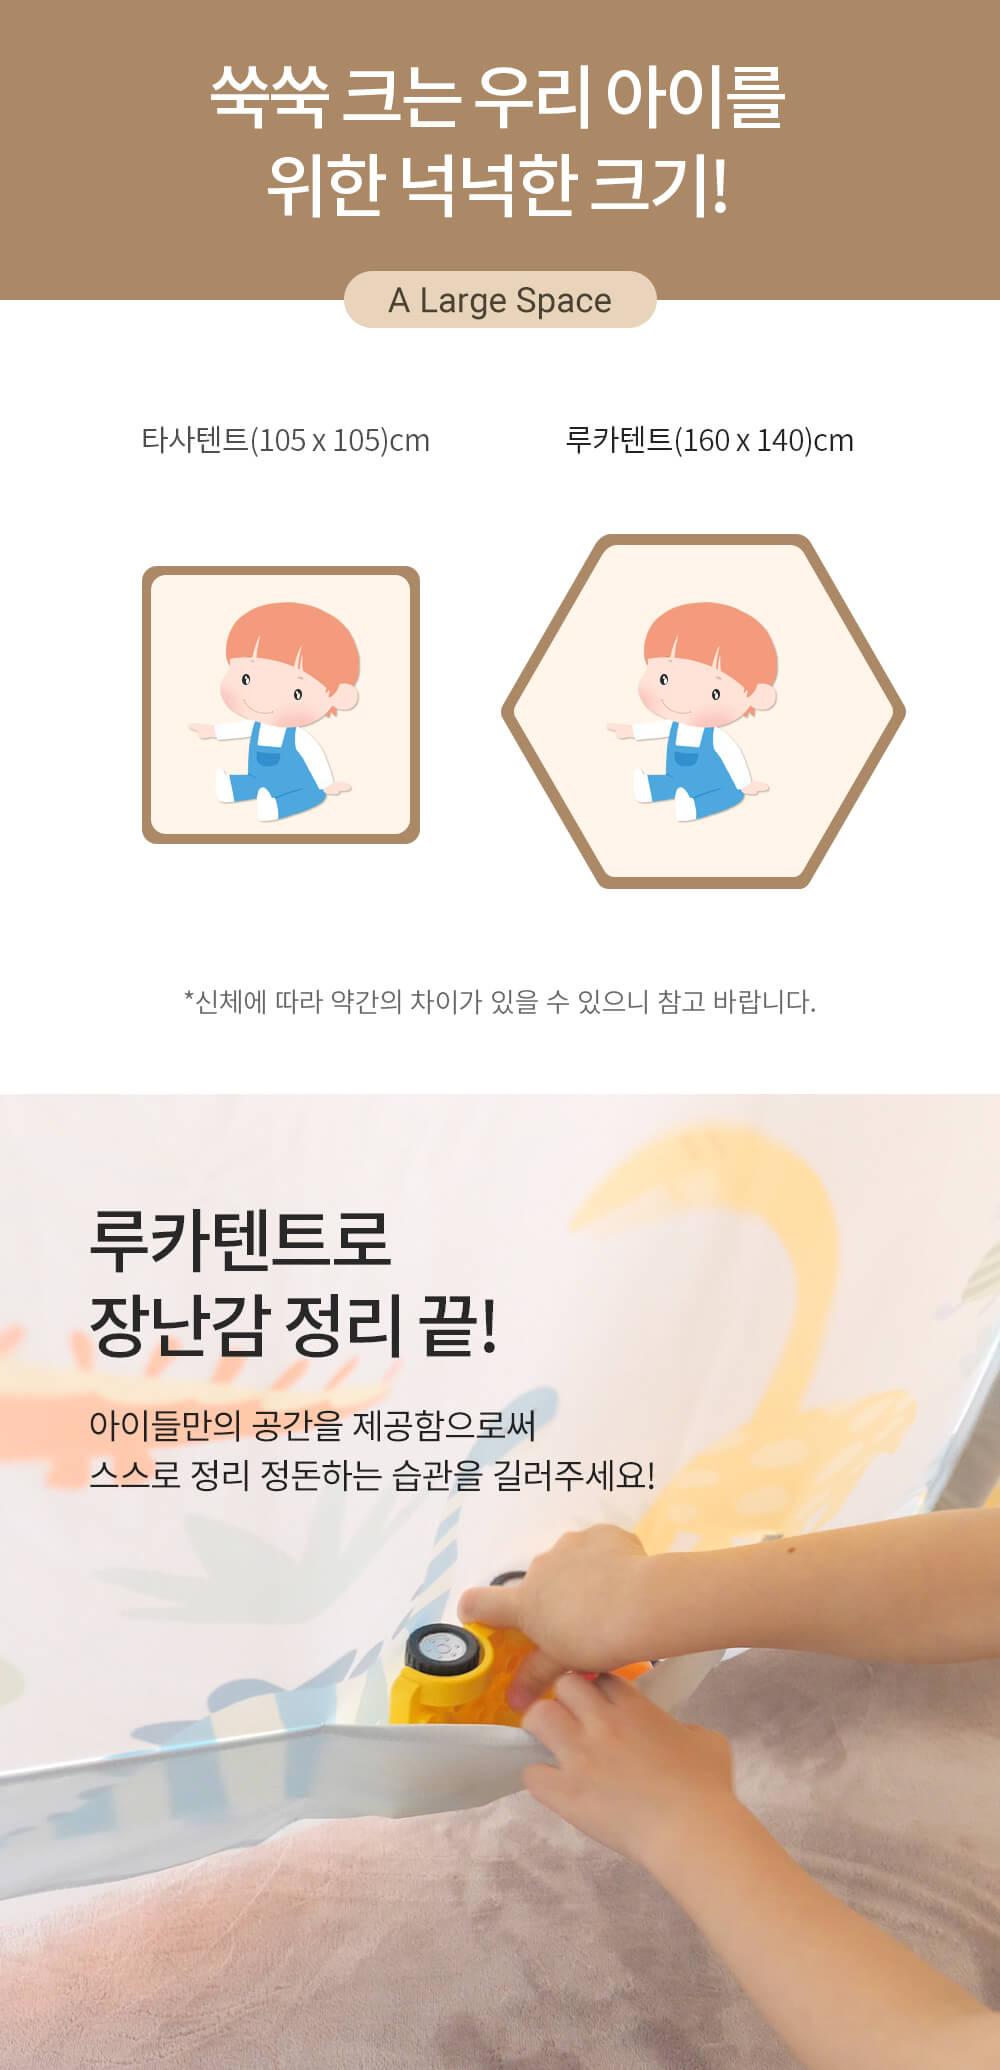 쁘띠한글 상페08